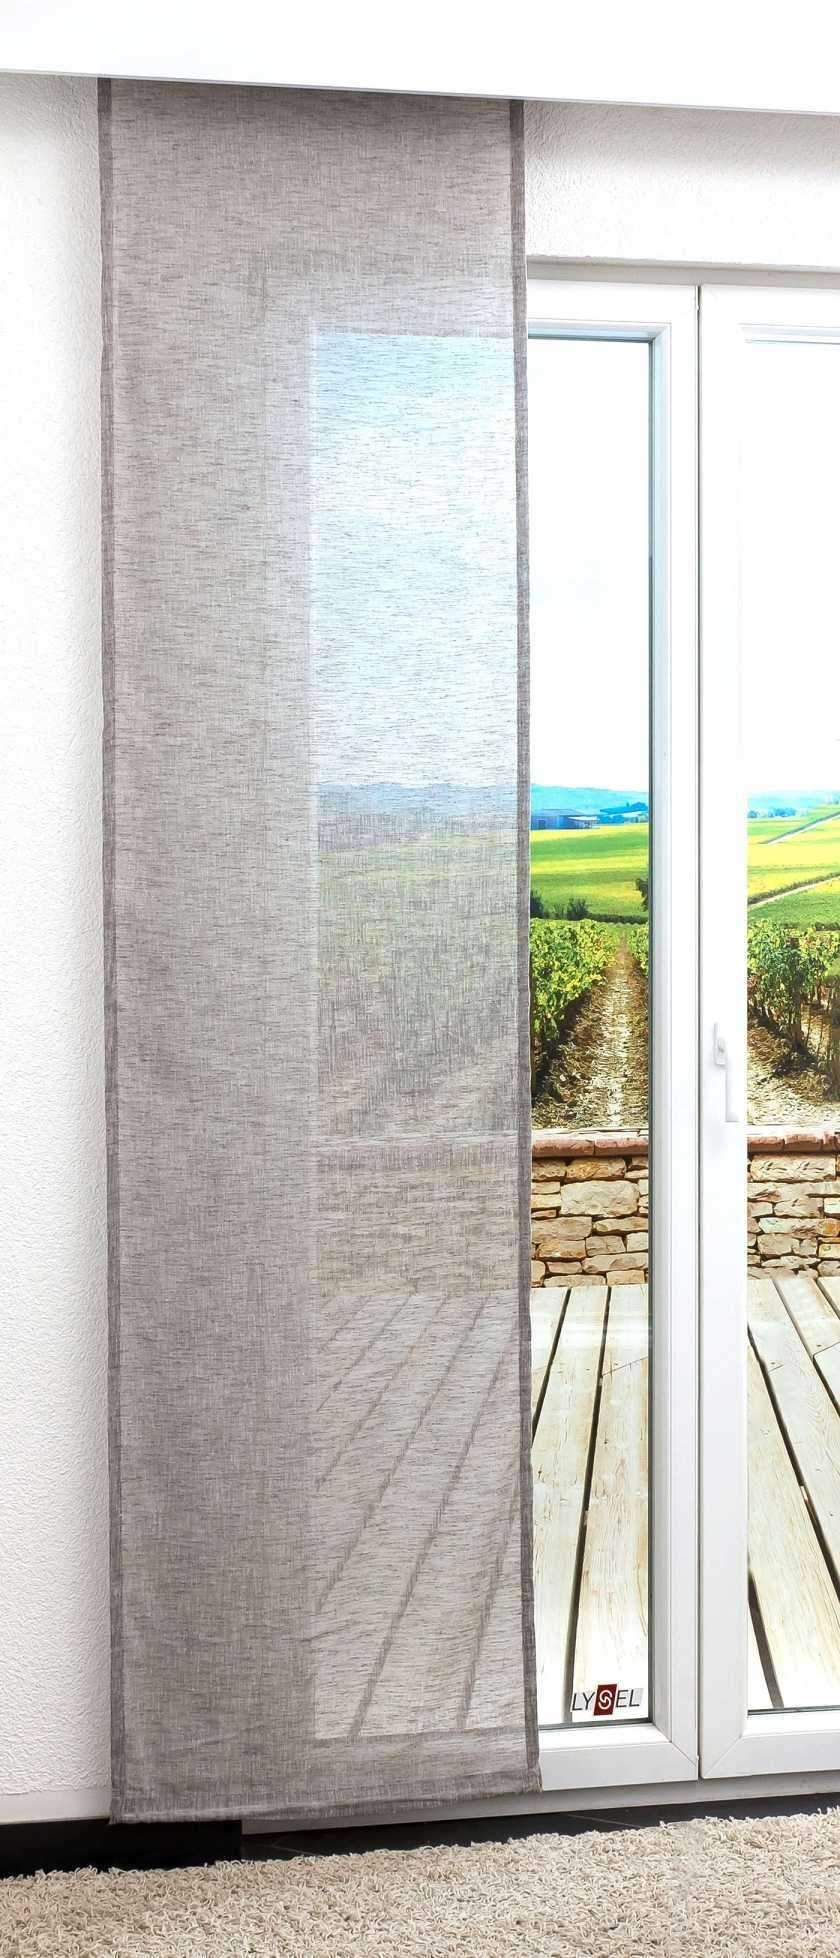 wanddeko wohnzimmer selber machen elegant deko ideen selber machen garten neu wanddeko garten 18 of wanddeko wohnzimmer selber machen